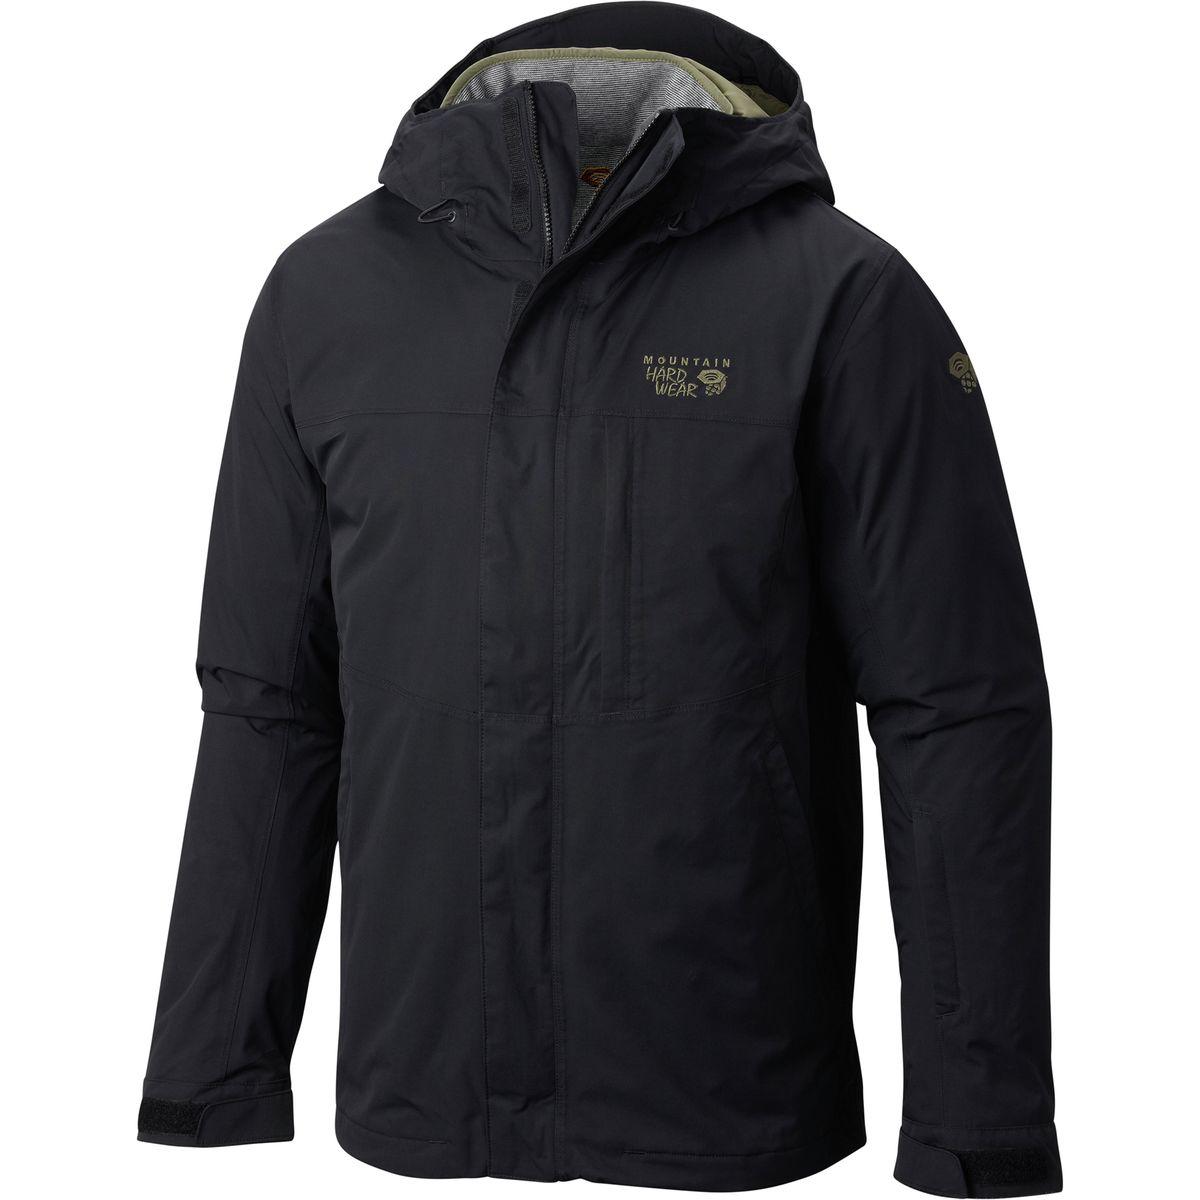 Mountain Hardwear Binx Ridge Quadfecta 3-In-1 Jacket - Men